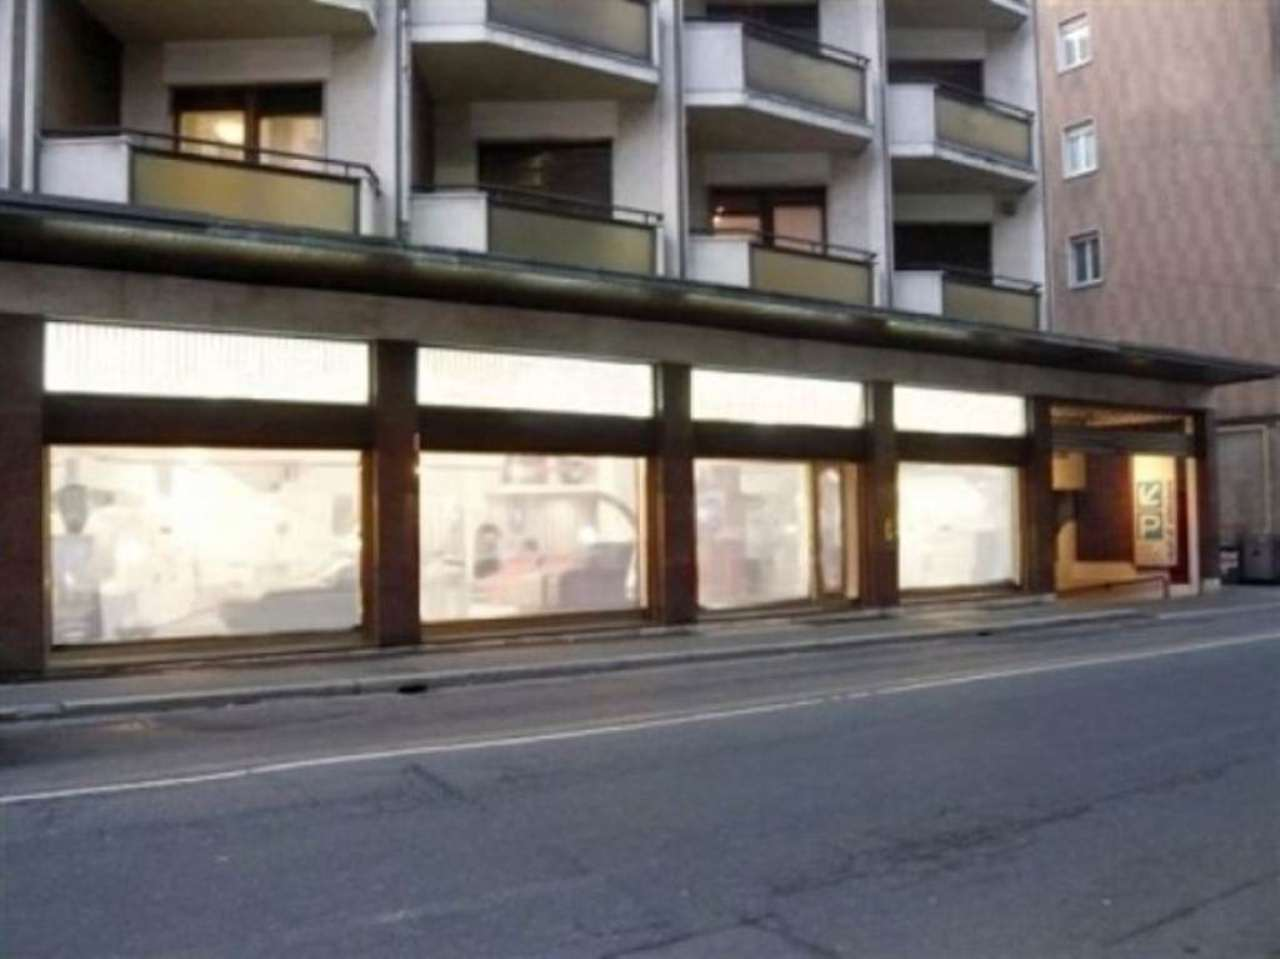 Negozio / Locale in vendita a Varese, 9999 locali, prezzo € 500.000 | CambioCasa.it